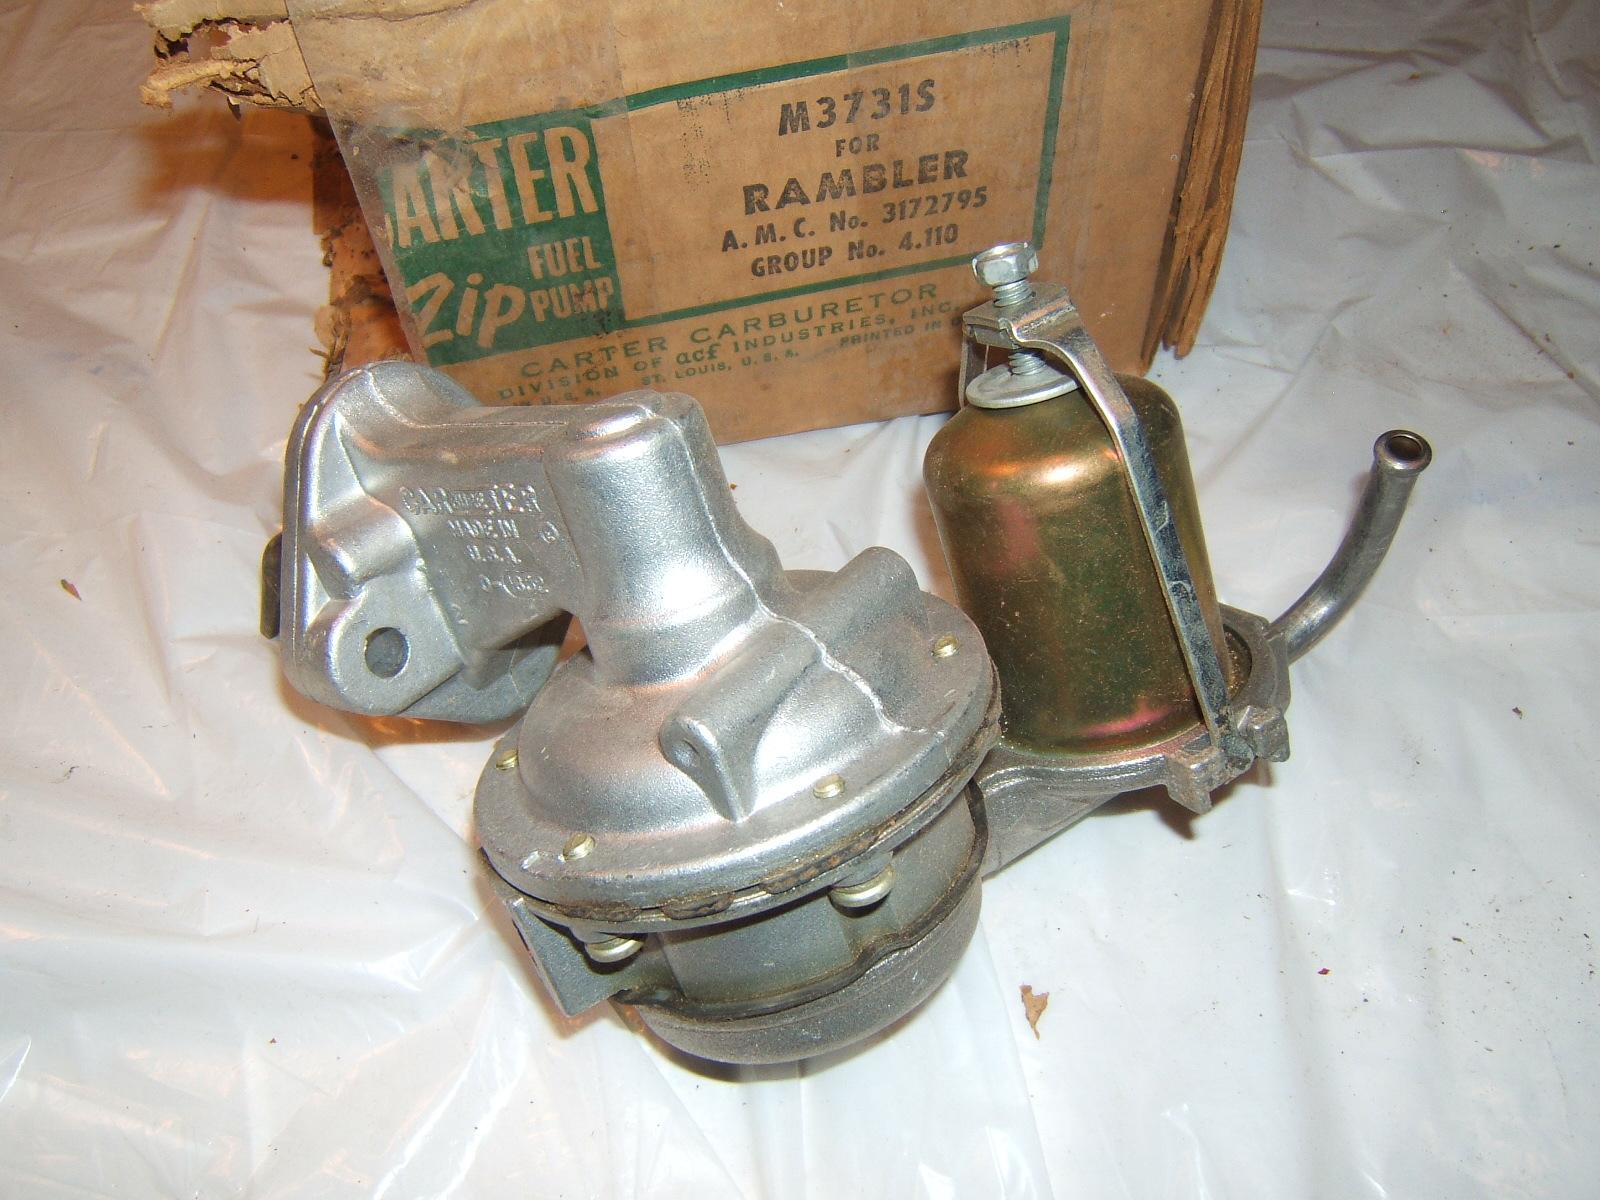 1964 1965 Rambler 196 fuel pump Carter 3731 (a 3731)